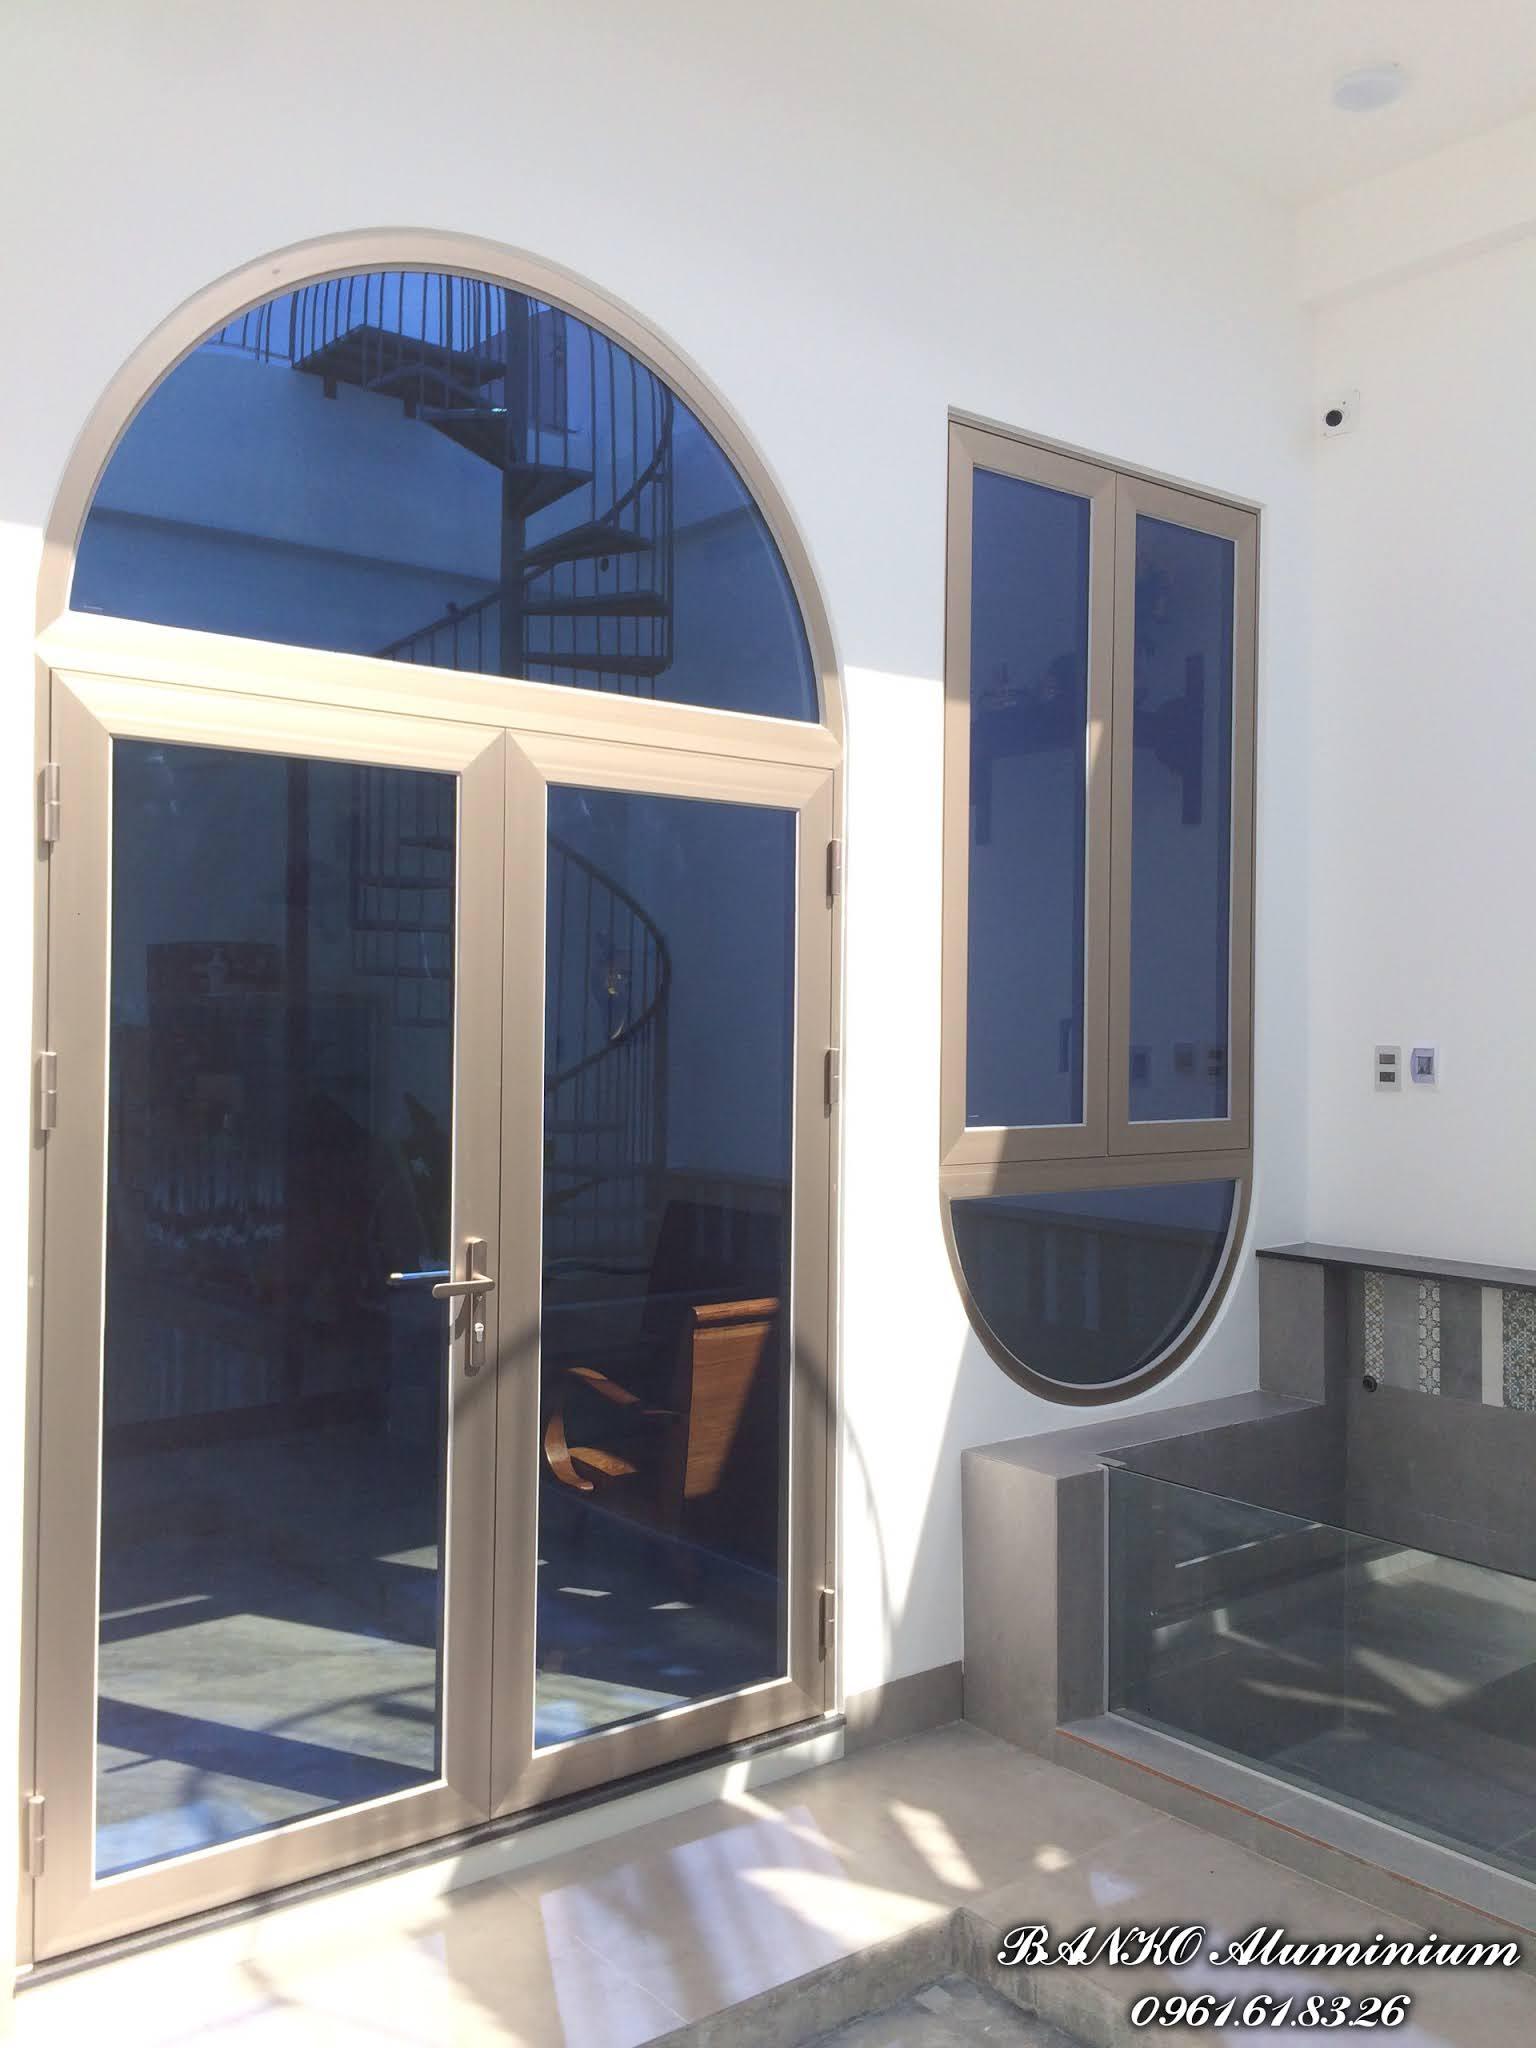 Cửa đi + cửa sổ bật Sảnh chính Nhôm Hondalex